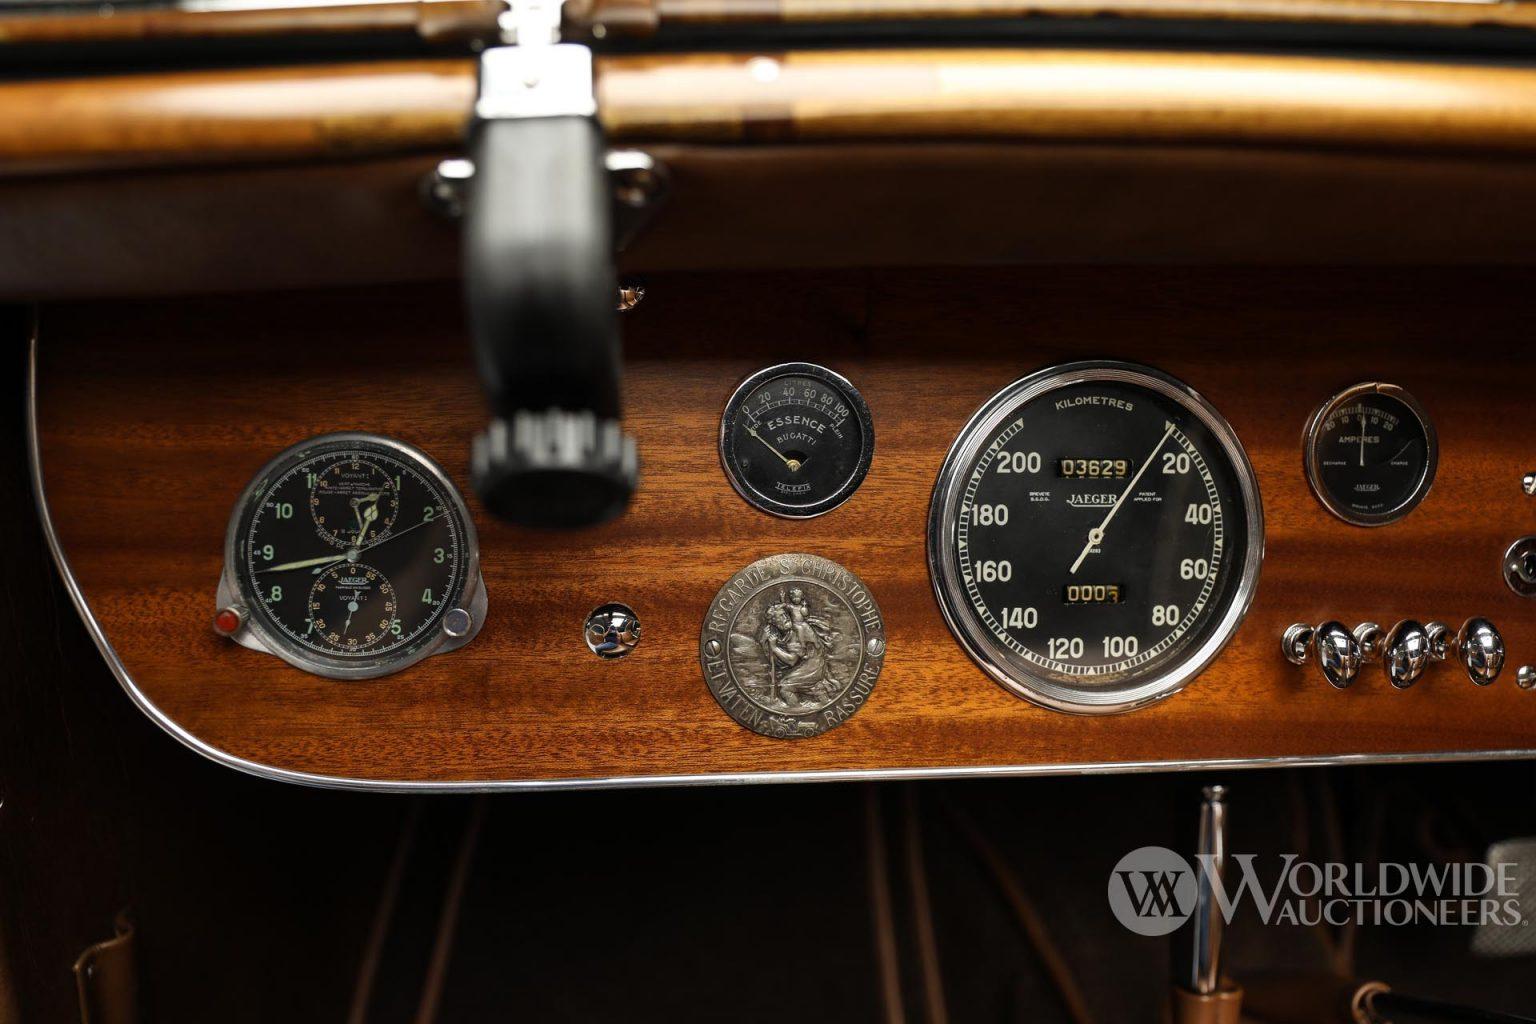 بوجاتي تايب 57 سي أتالانت كوبيه موديل 1938 عداد السرعة